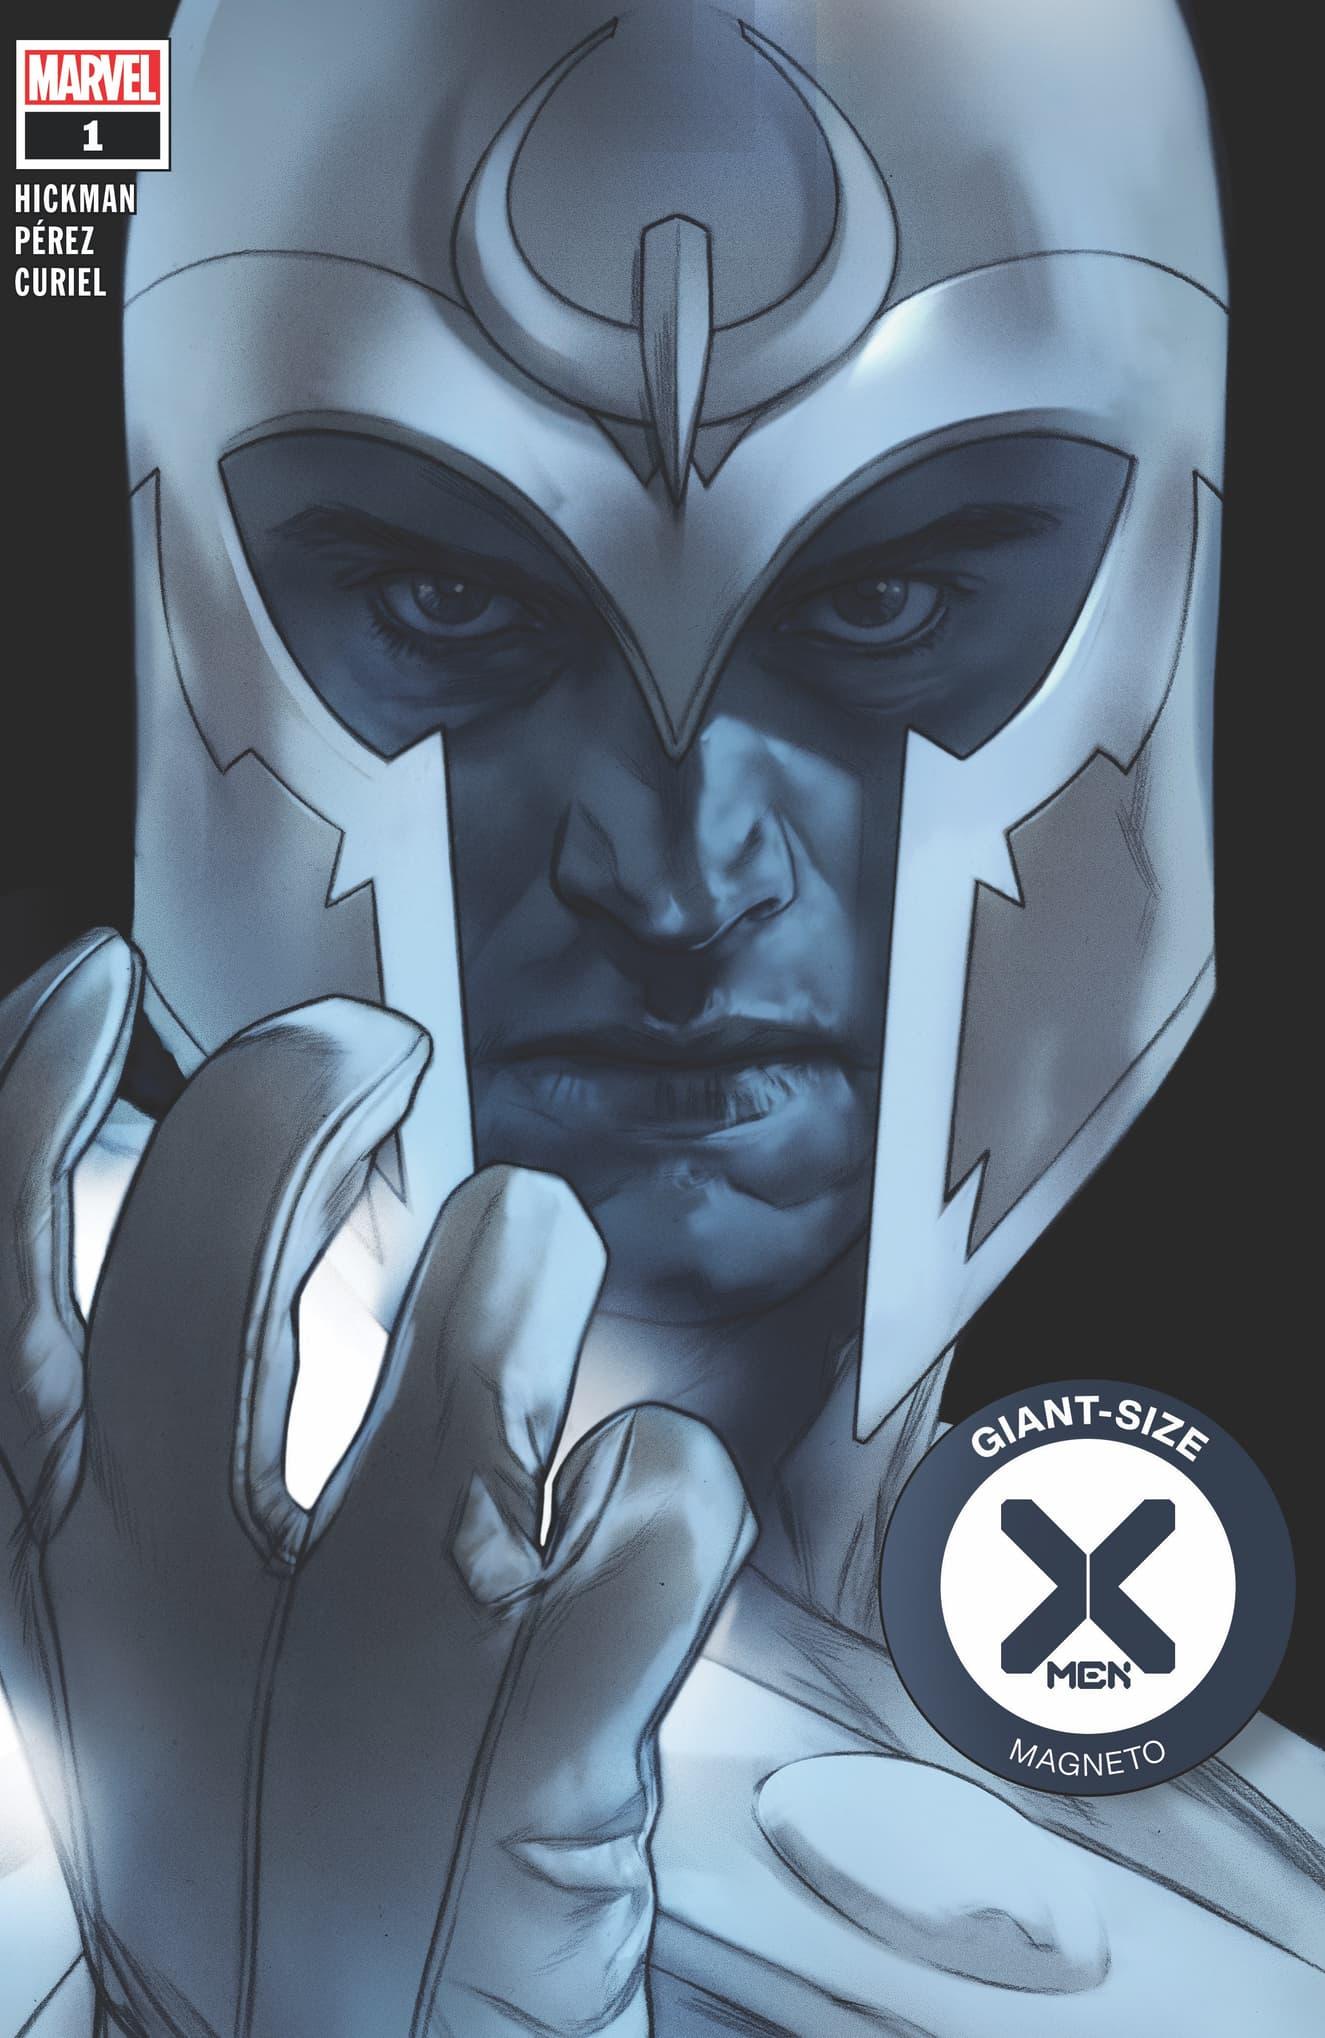 Giant Size X-Men